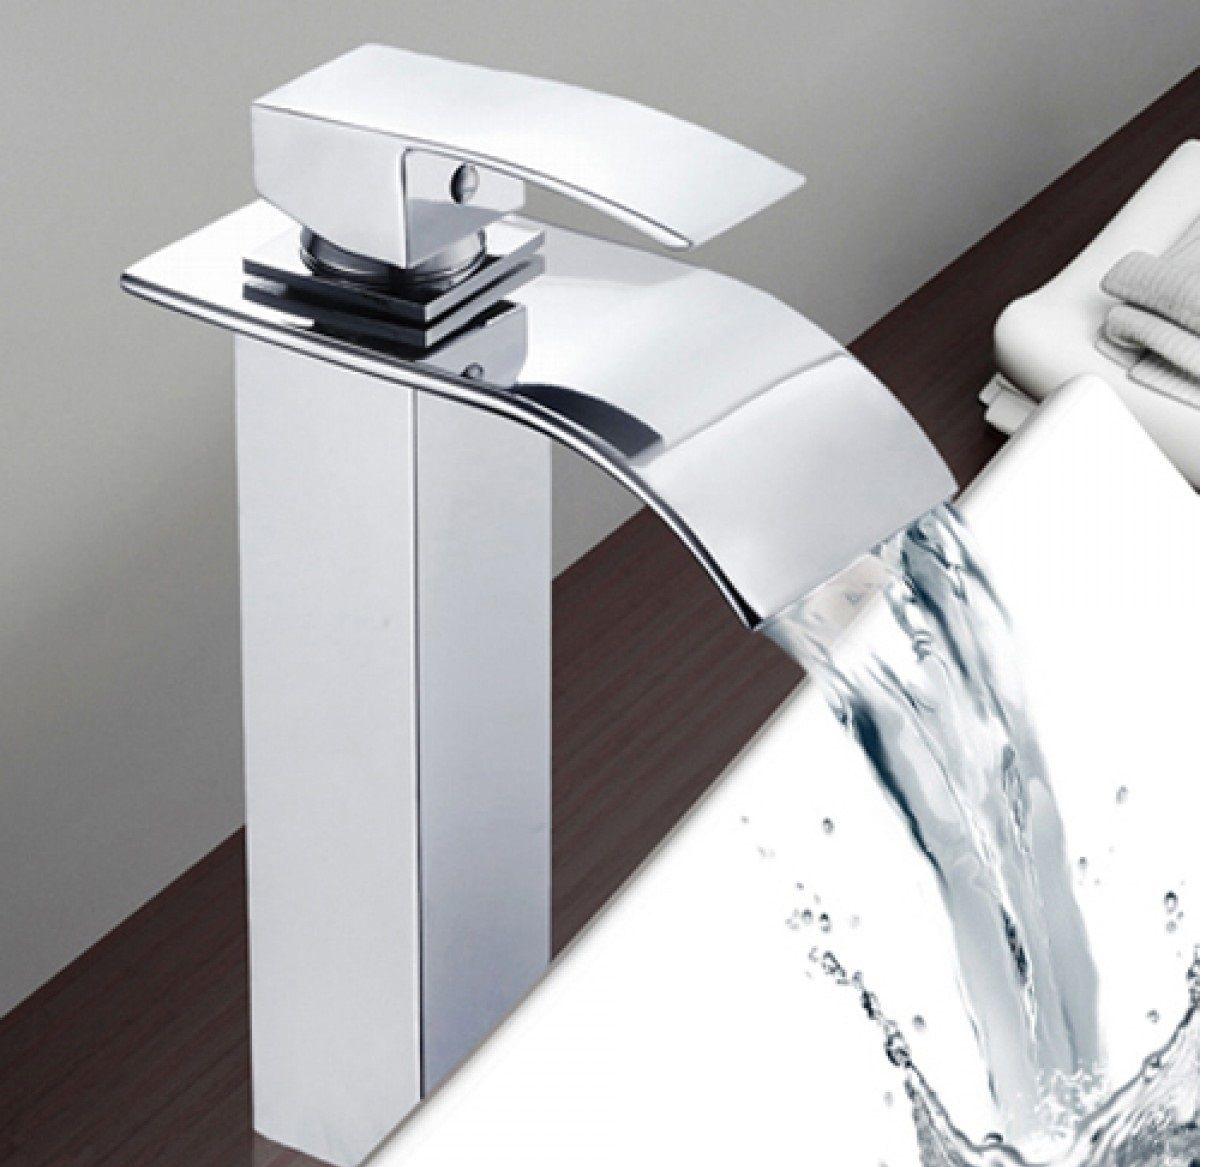 Fai una domanda su questo prodotto - Rubinetti moderni bagno ...